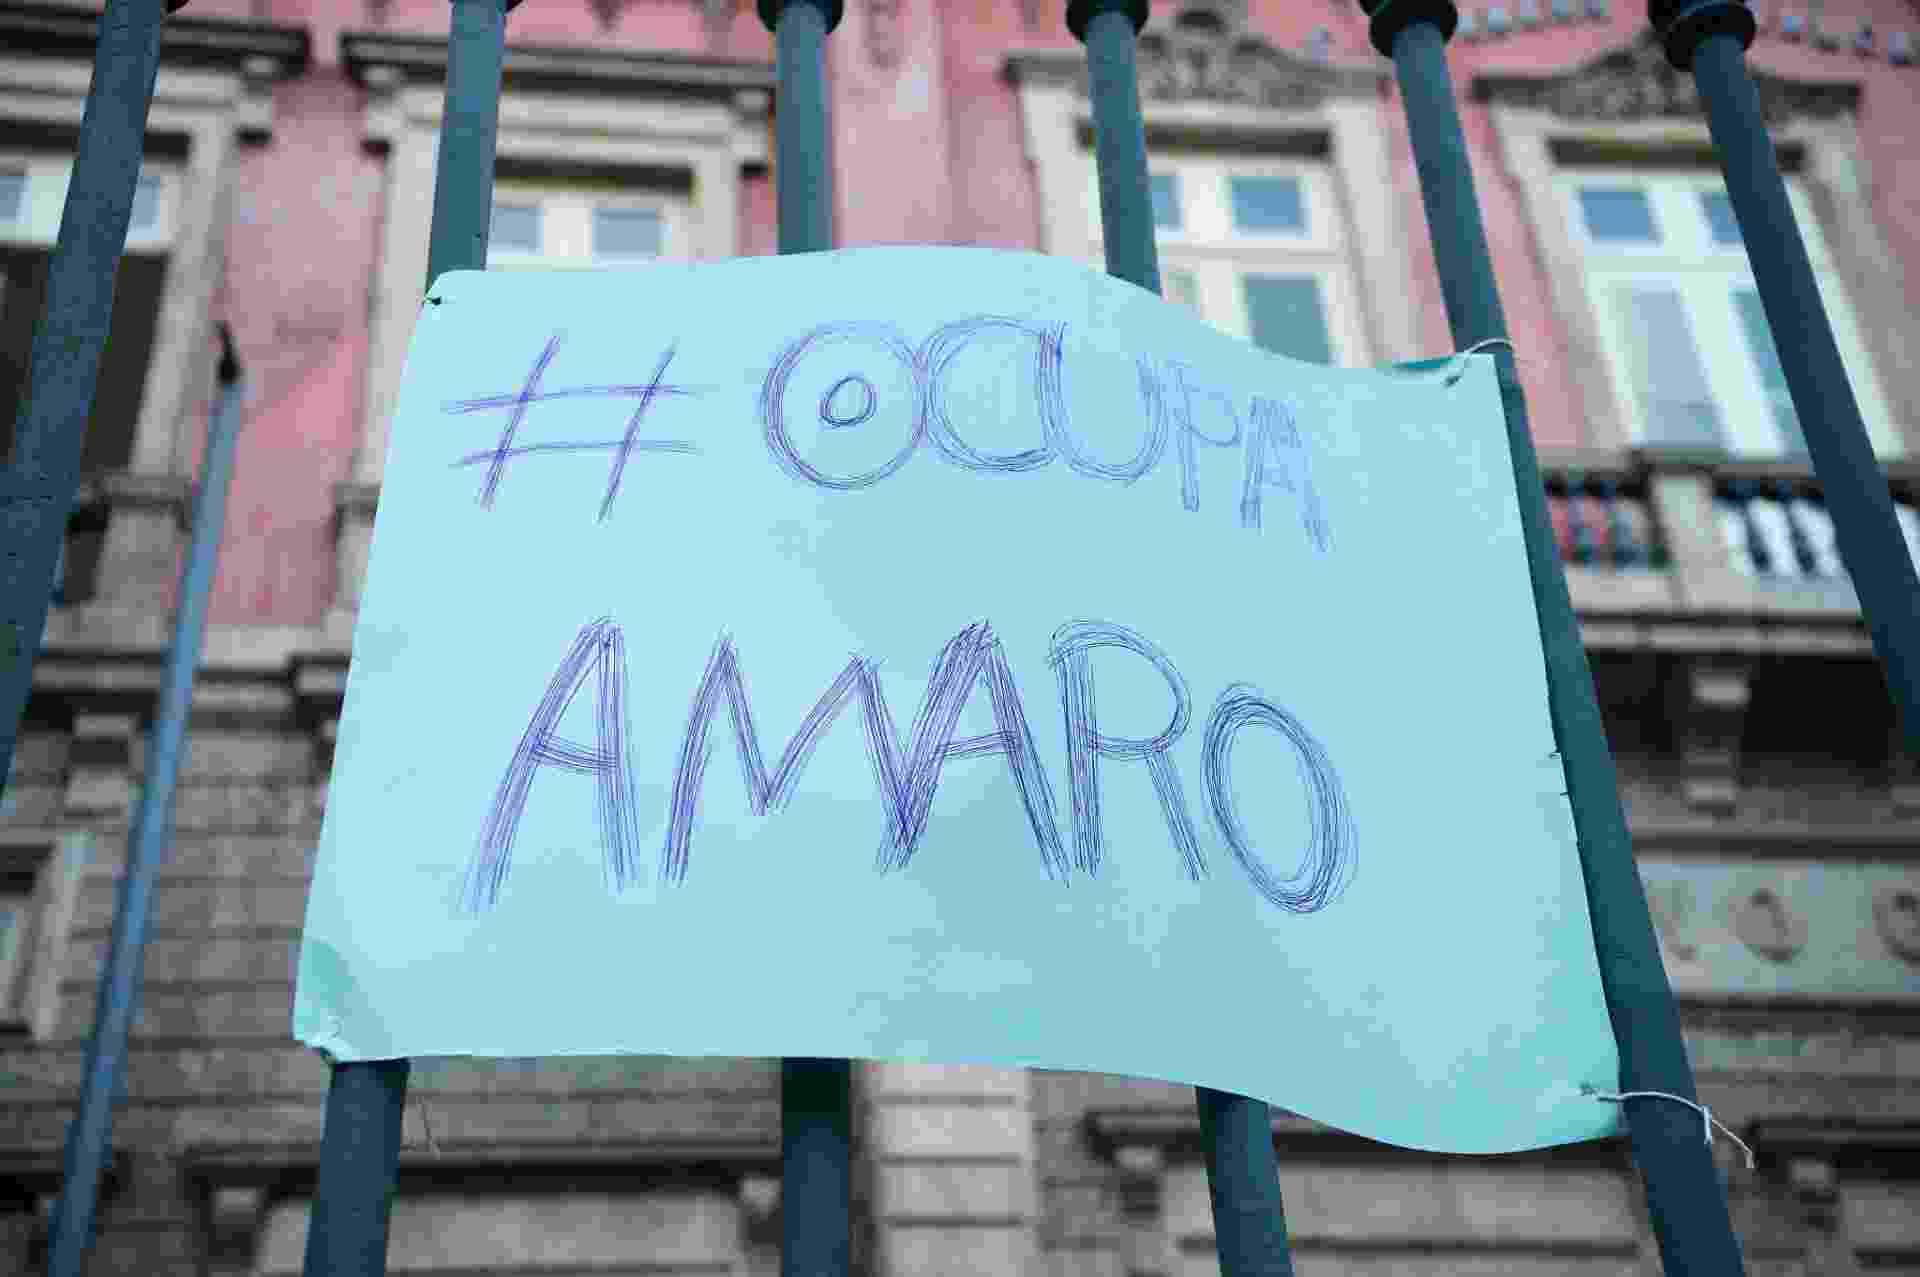 15.abr.2016 - Alunos ocuparam o Colégio Estadual Amaro Cavalcanti, construído em 1874, em apoio à greve dos professores e por melhorias na infraestrutura e na qualidade na educação. Até esta sexta-feira, eram 36 escolas ocupadas em toda a rede - Tomaz Silva/Agência Brasil